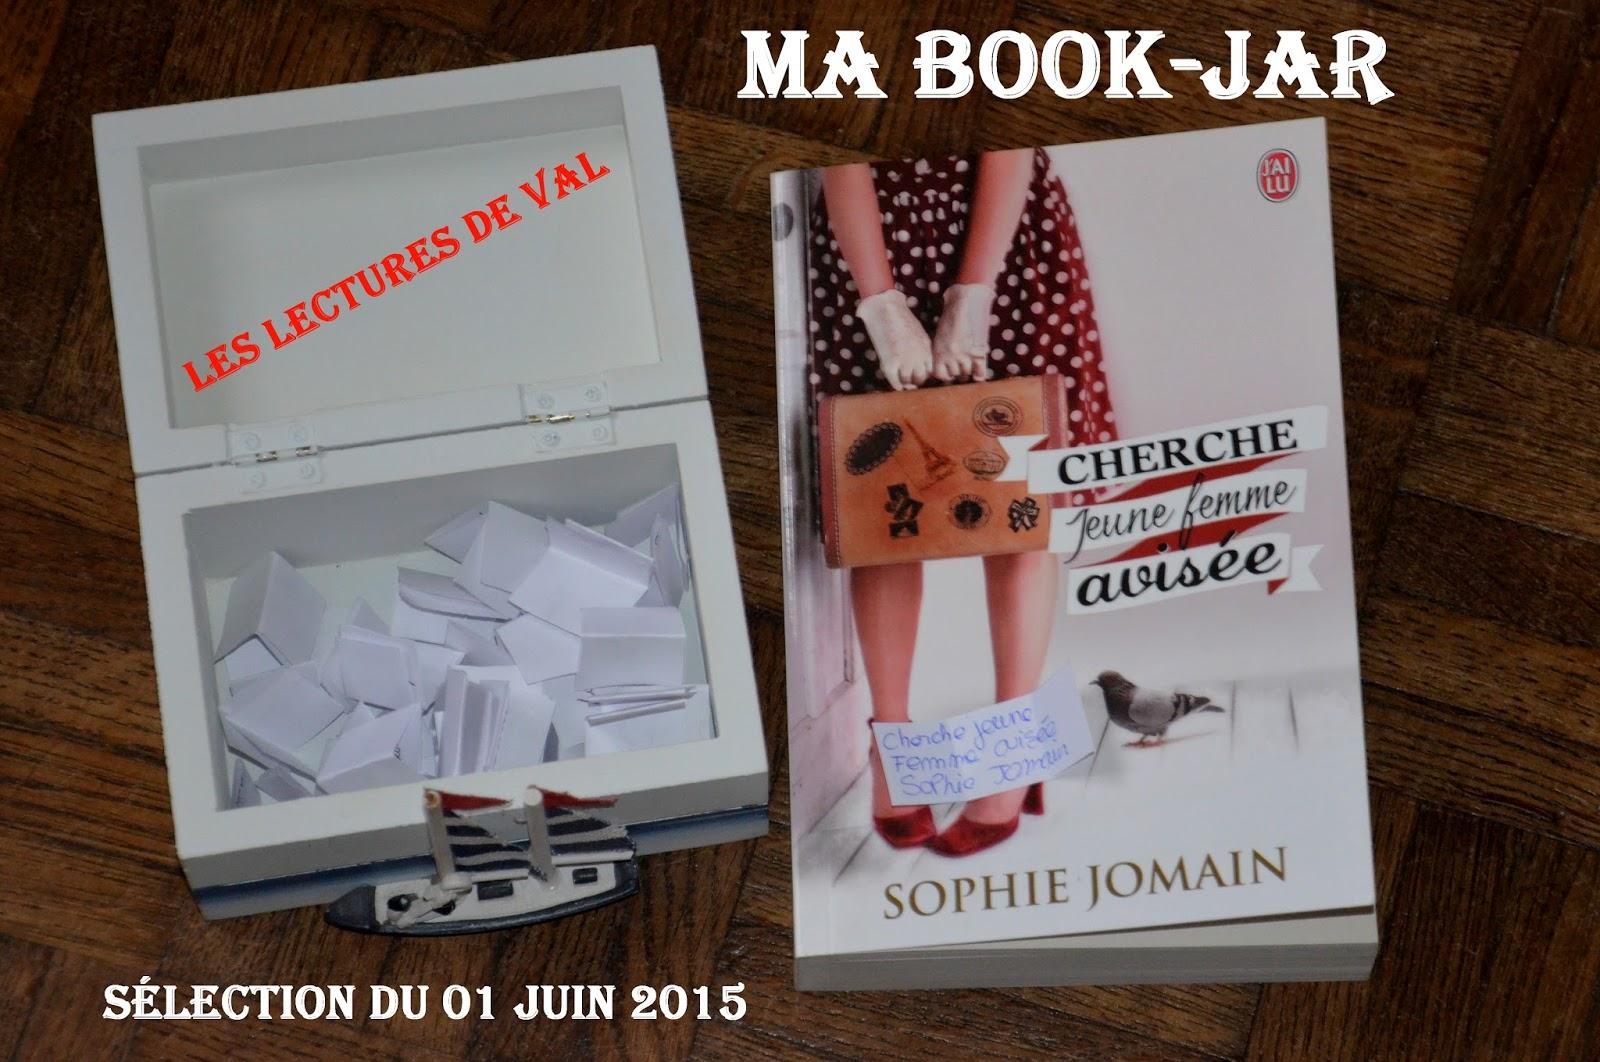 Sophie jomain cherche jeune femme avisée pdf